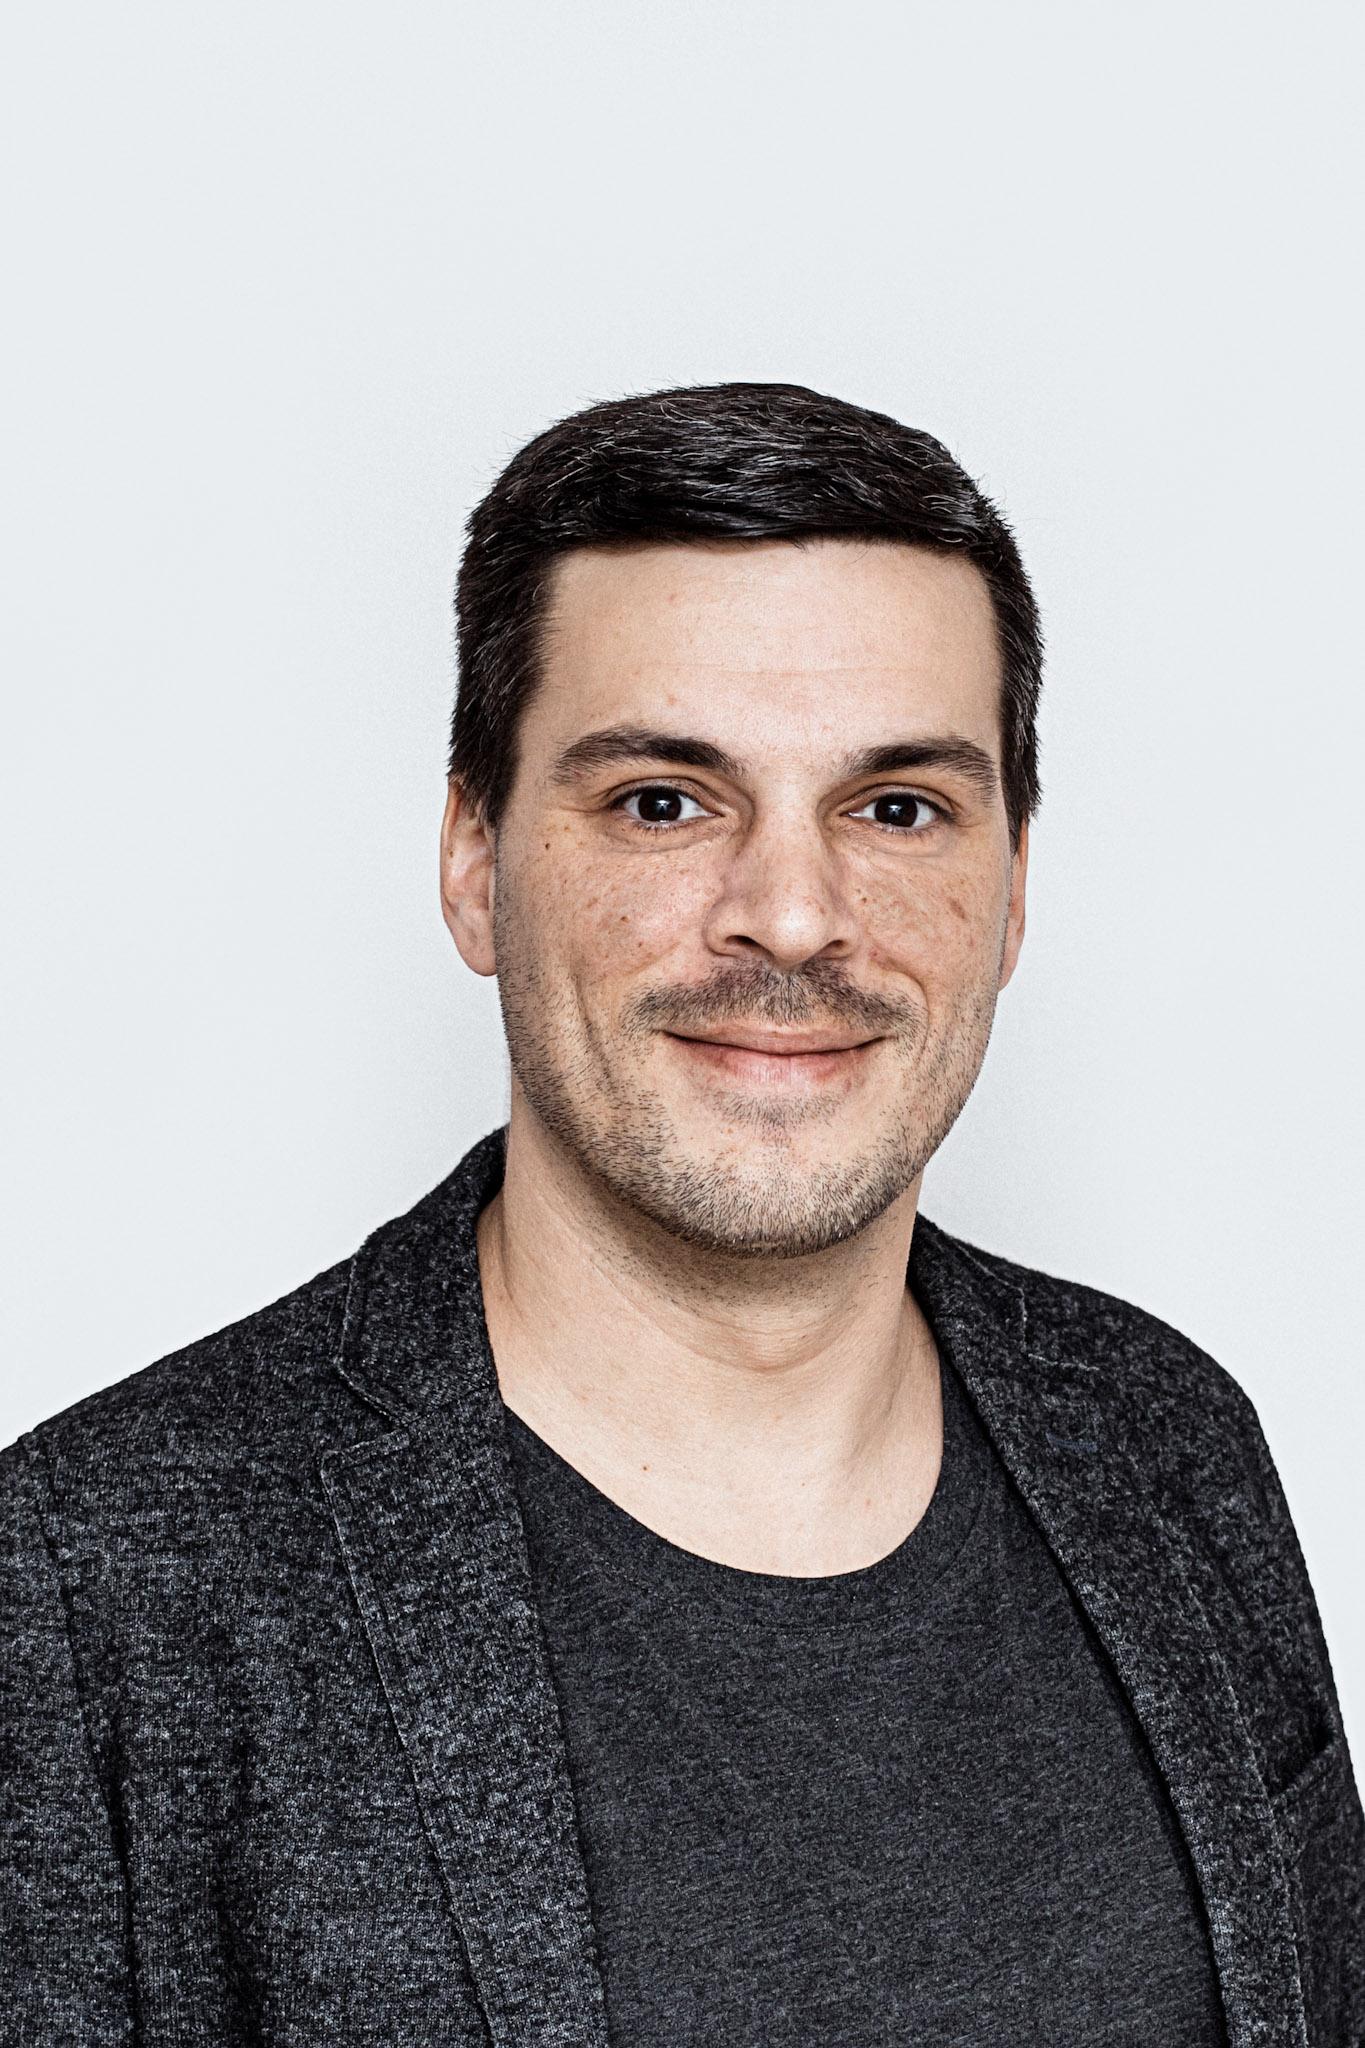 Stefan Schleicher